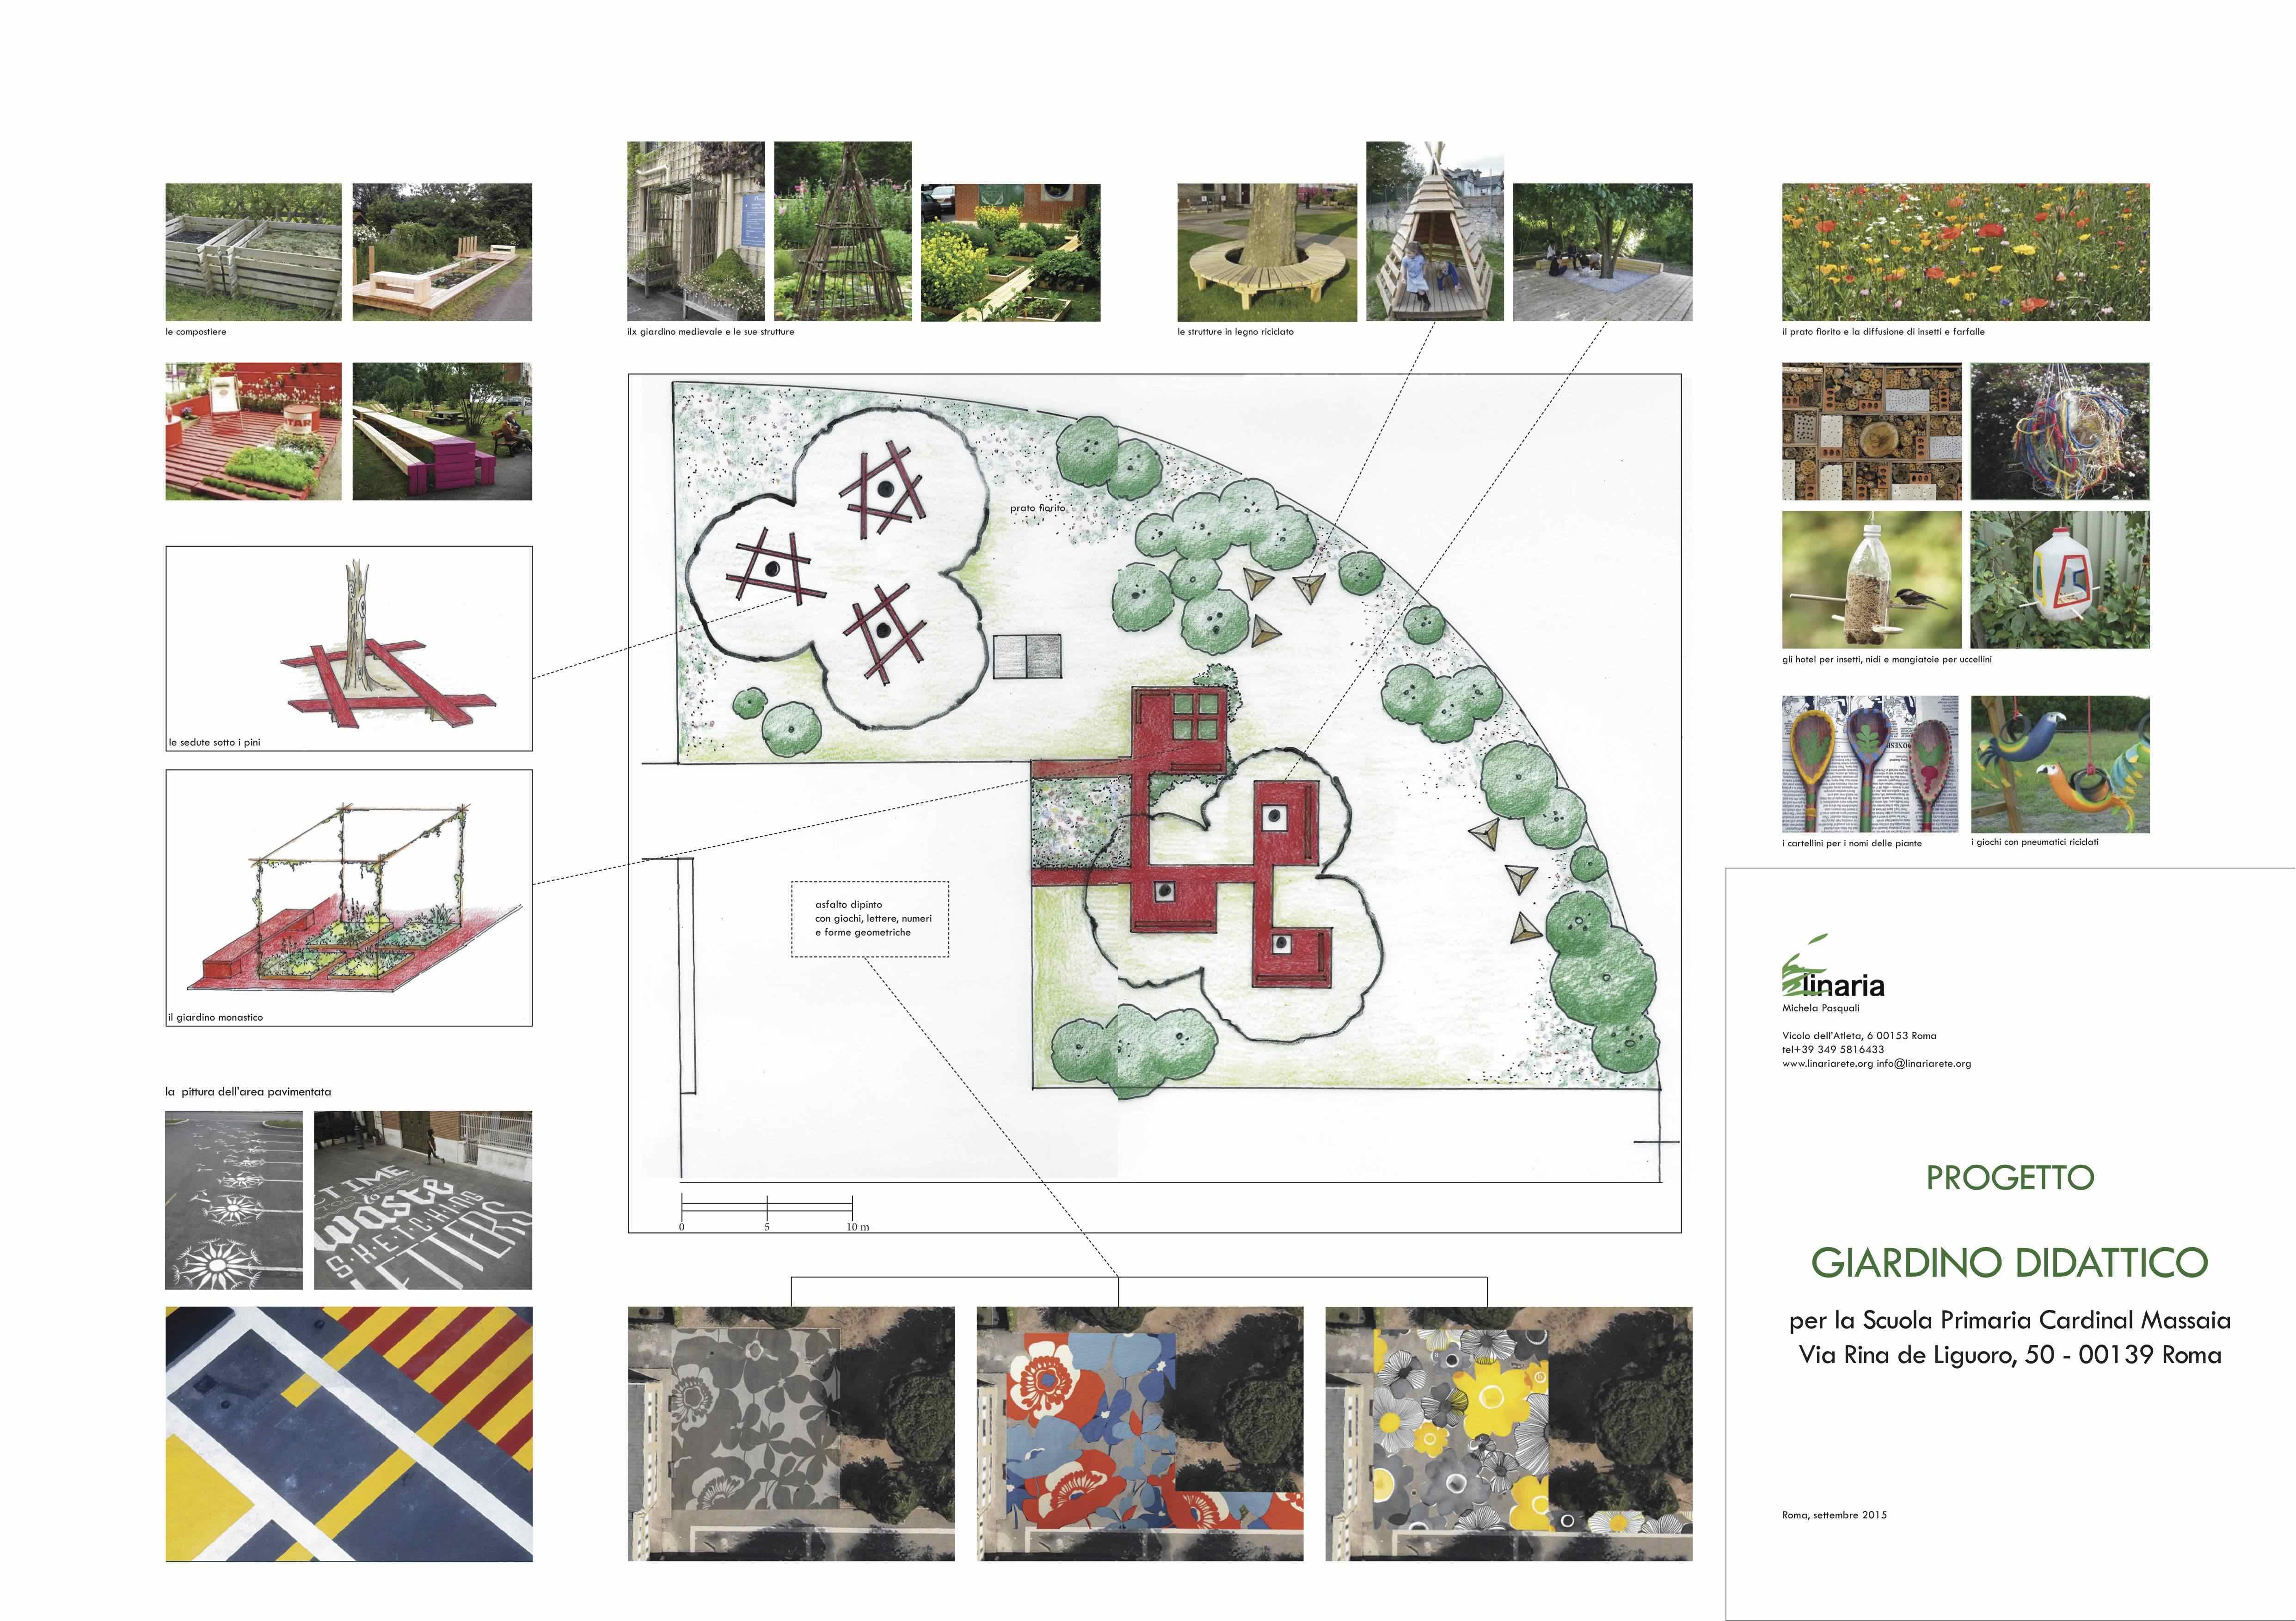 Il progetto di linaria per un giardino di una scuola - Progetto per giardino ...